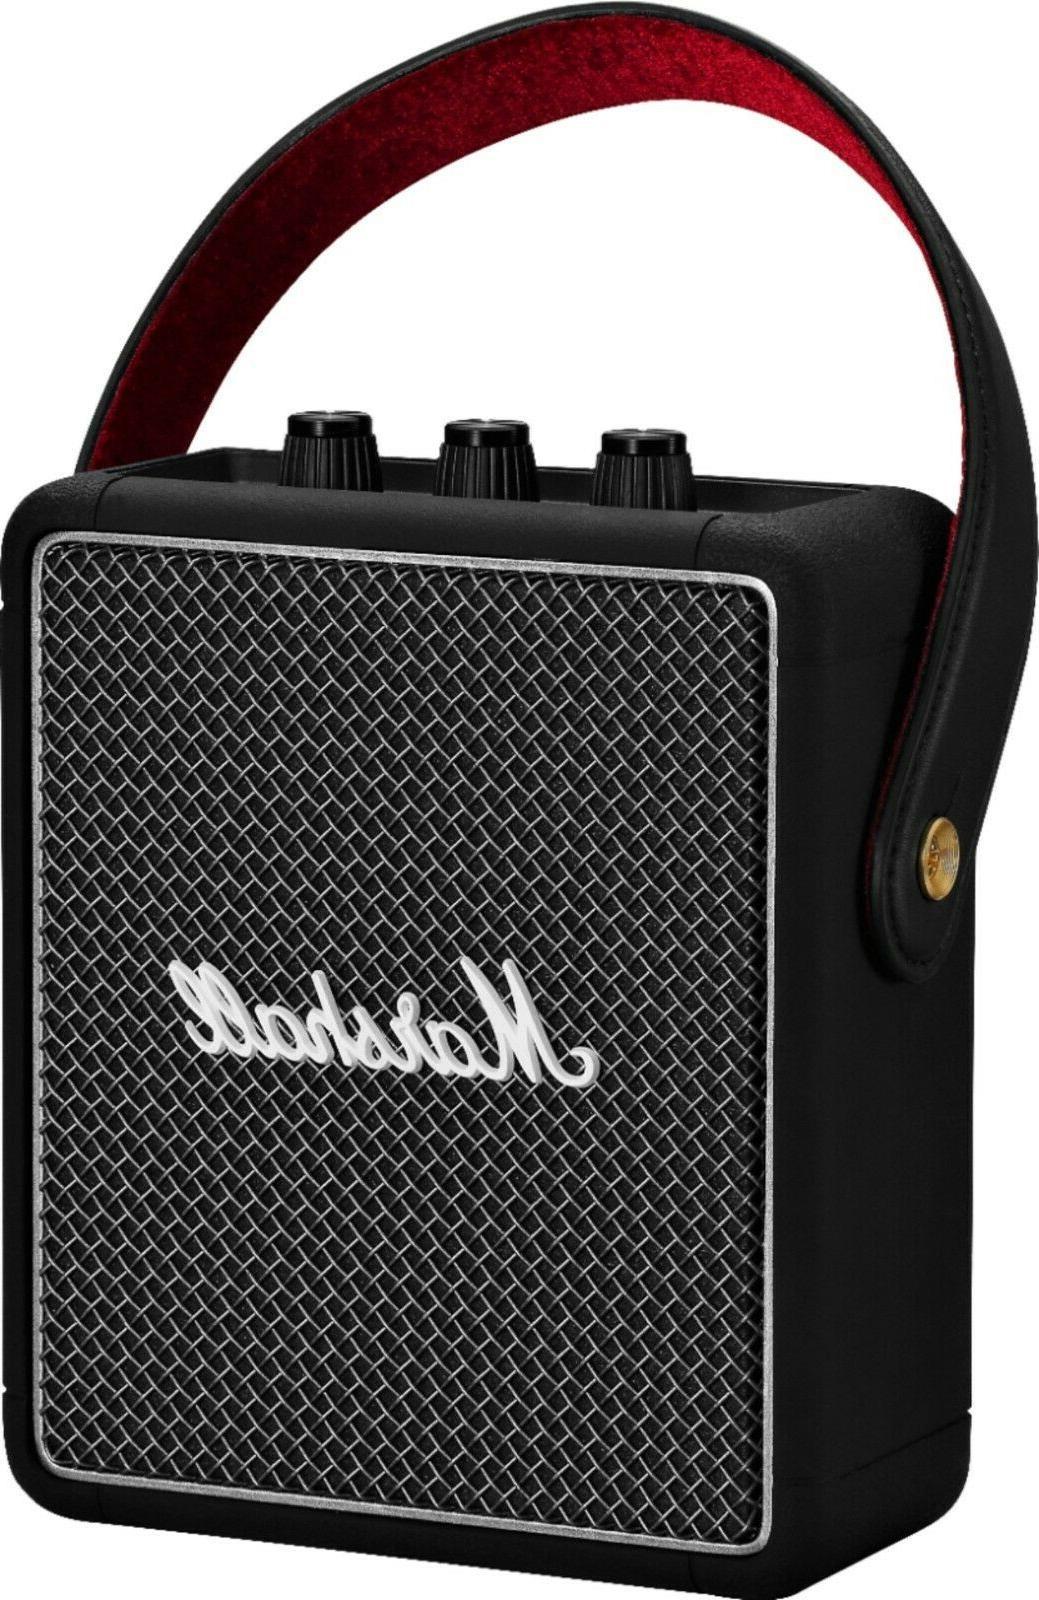 Brand New Marshall II Bluetooth Speaker Black